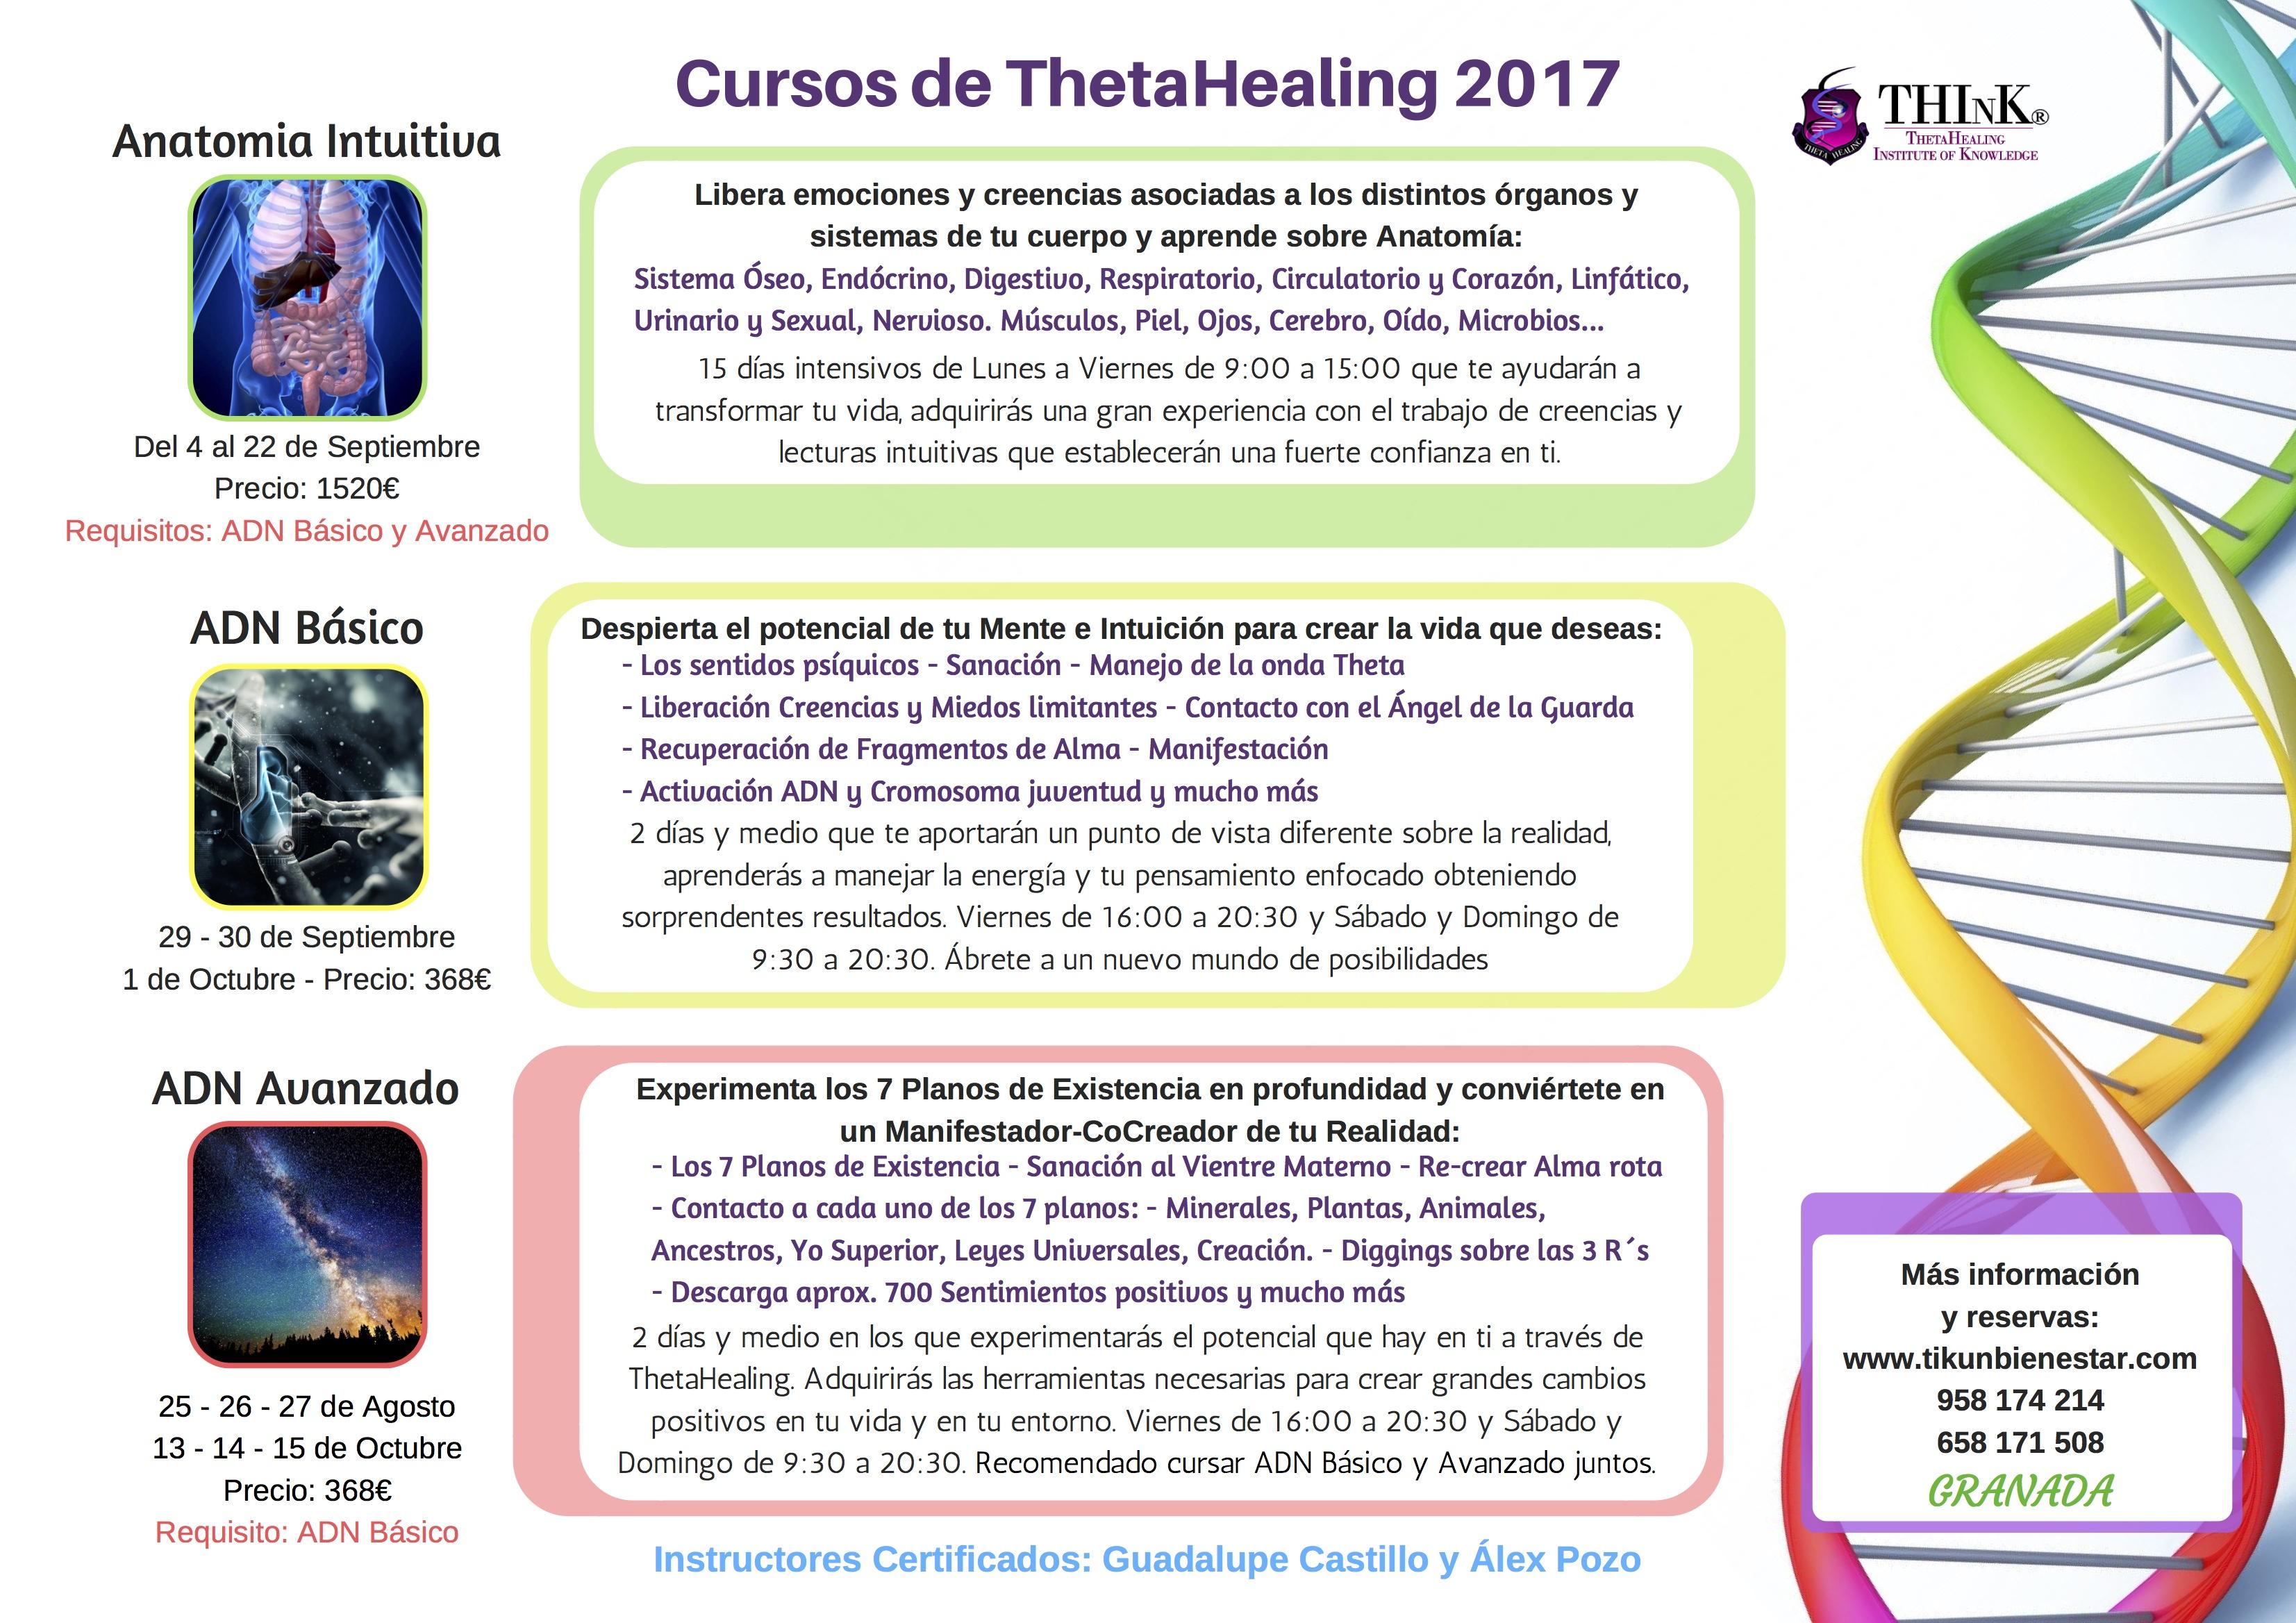 Cursos de ThetaHealing 2017- GRANADA desarrollo personal espiritual intuiticion facultades psiquicas creencias angel de la guarda ancestros anatomia